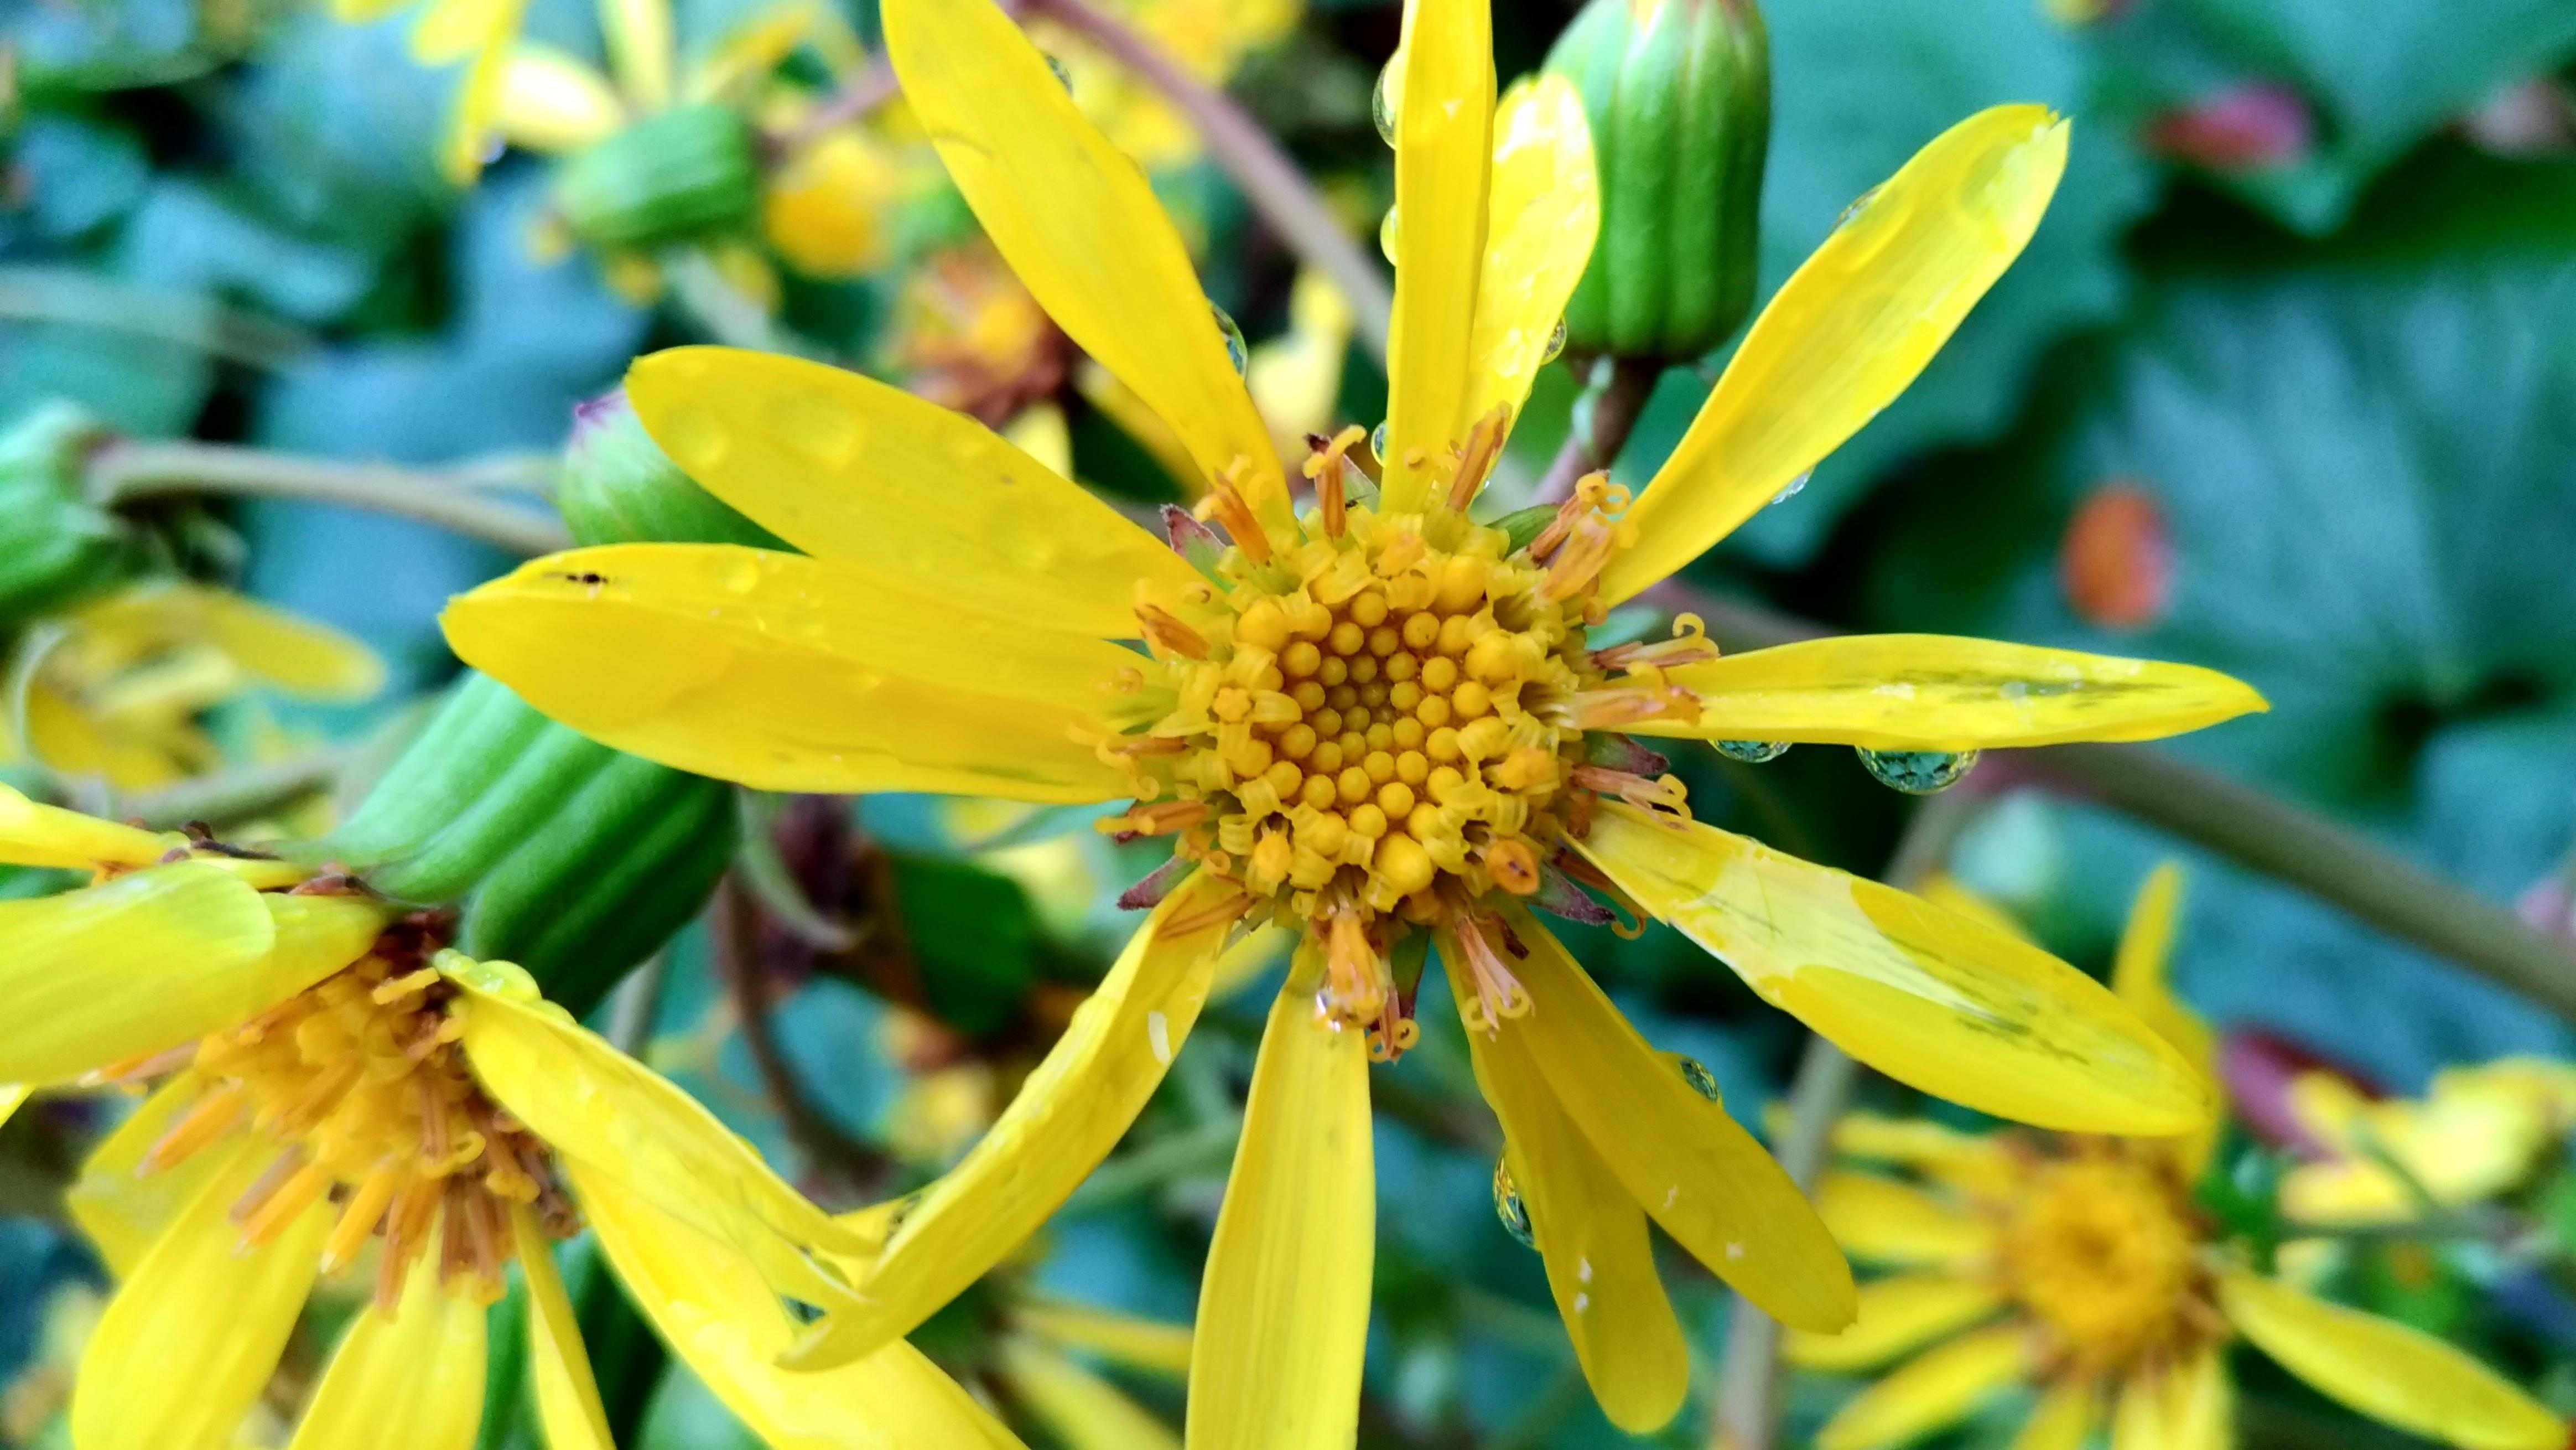 ツワブキ(石蕗)とは?植物としての特徴・種類や利用法をご紹介!